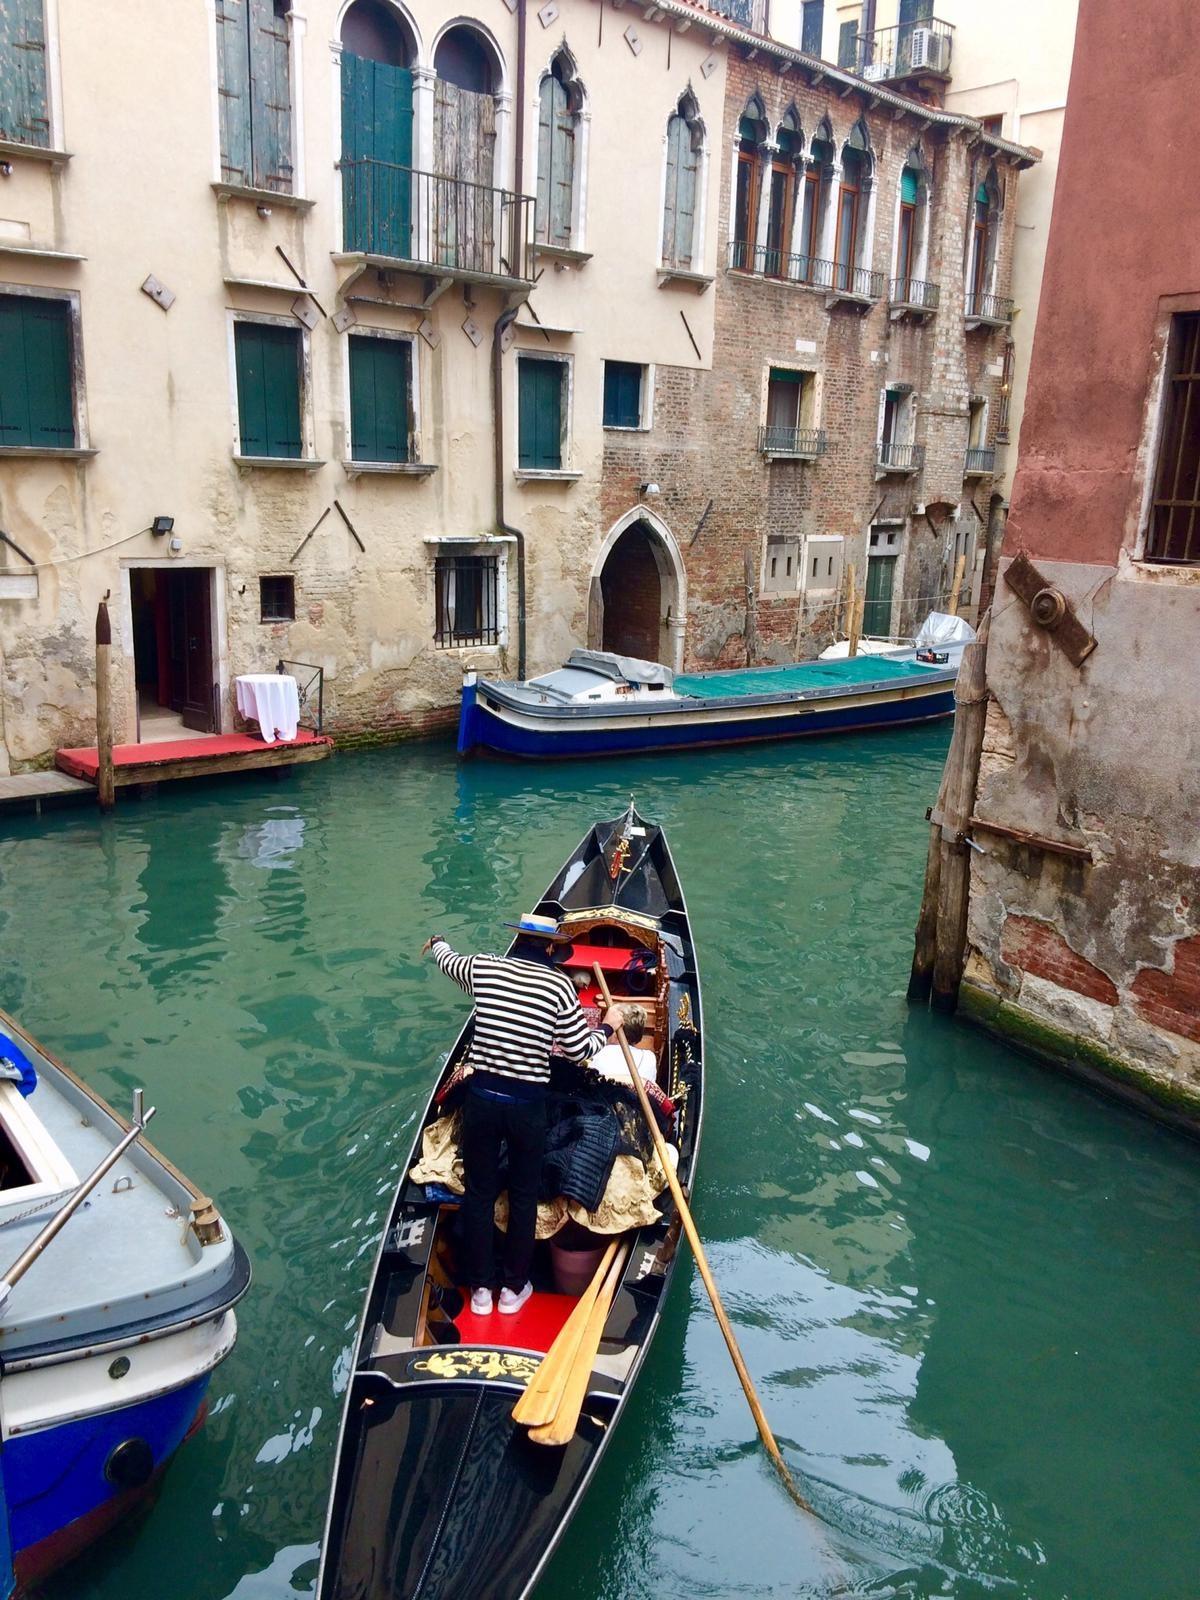 Venezia by Dejan Jorganovic